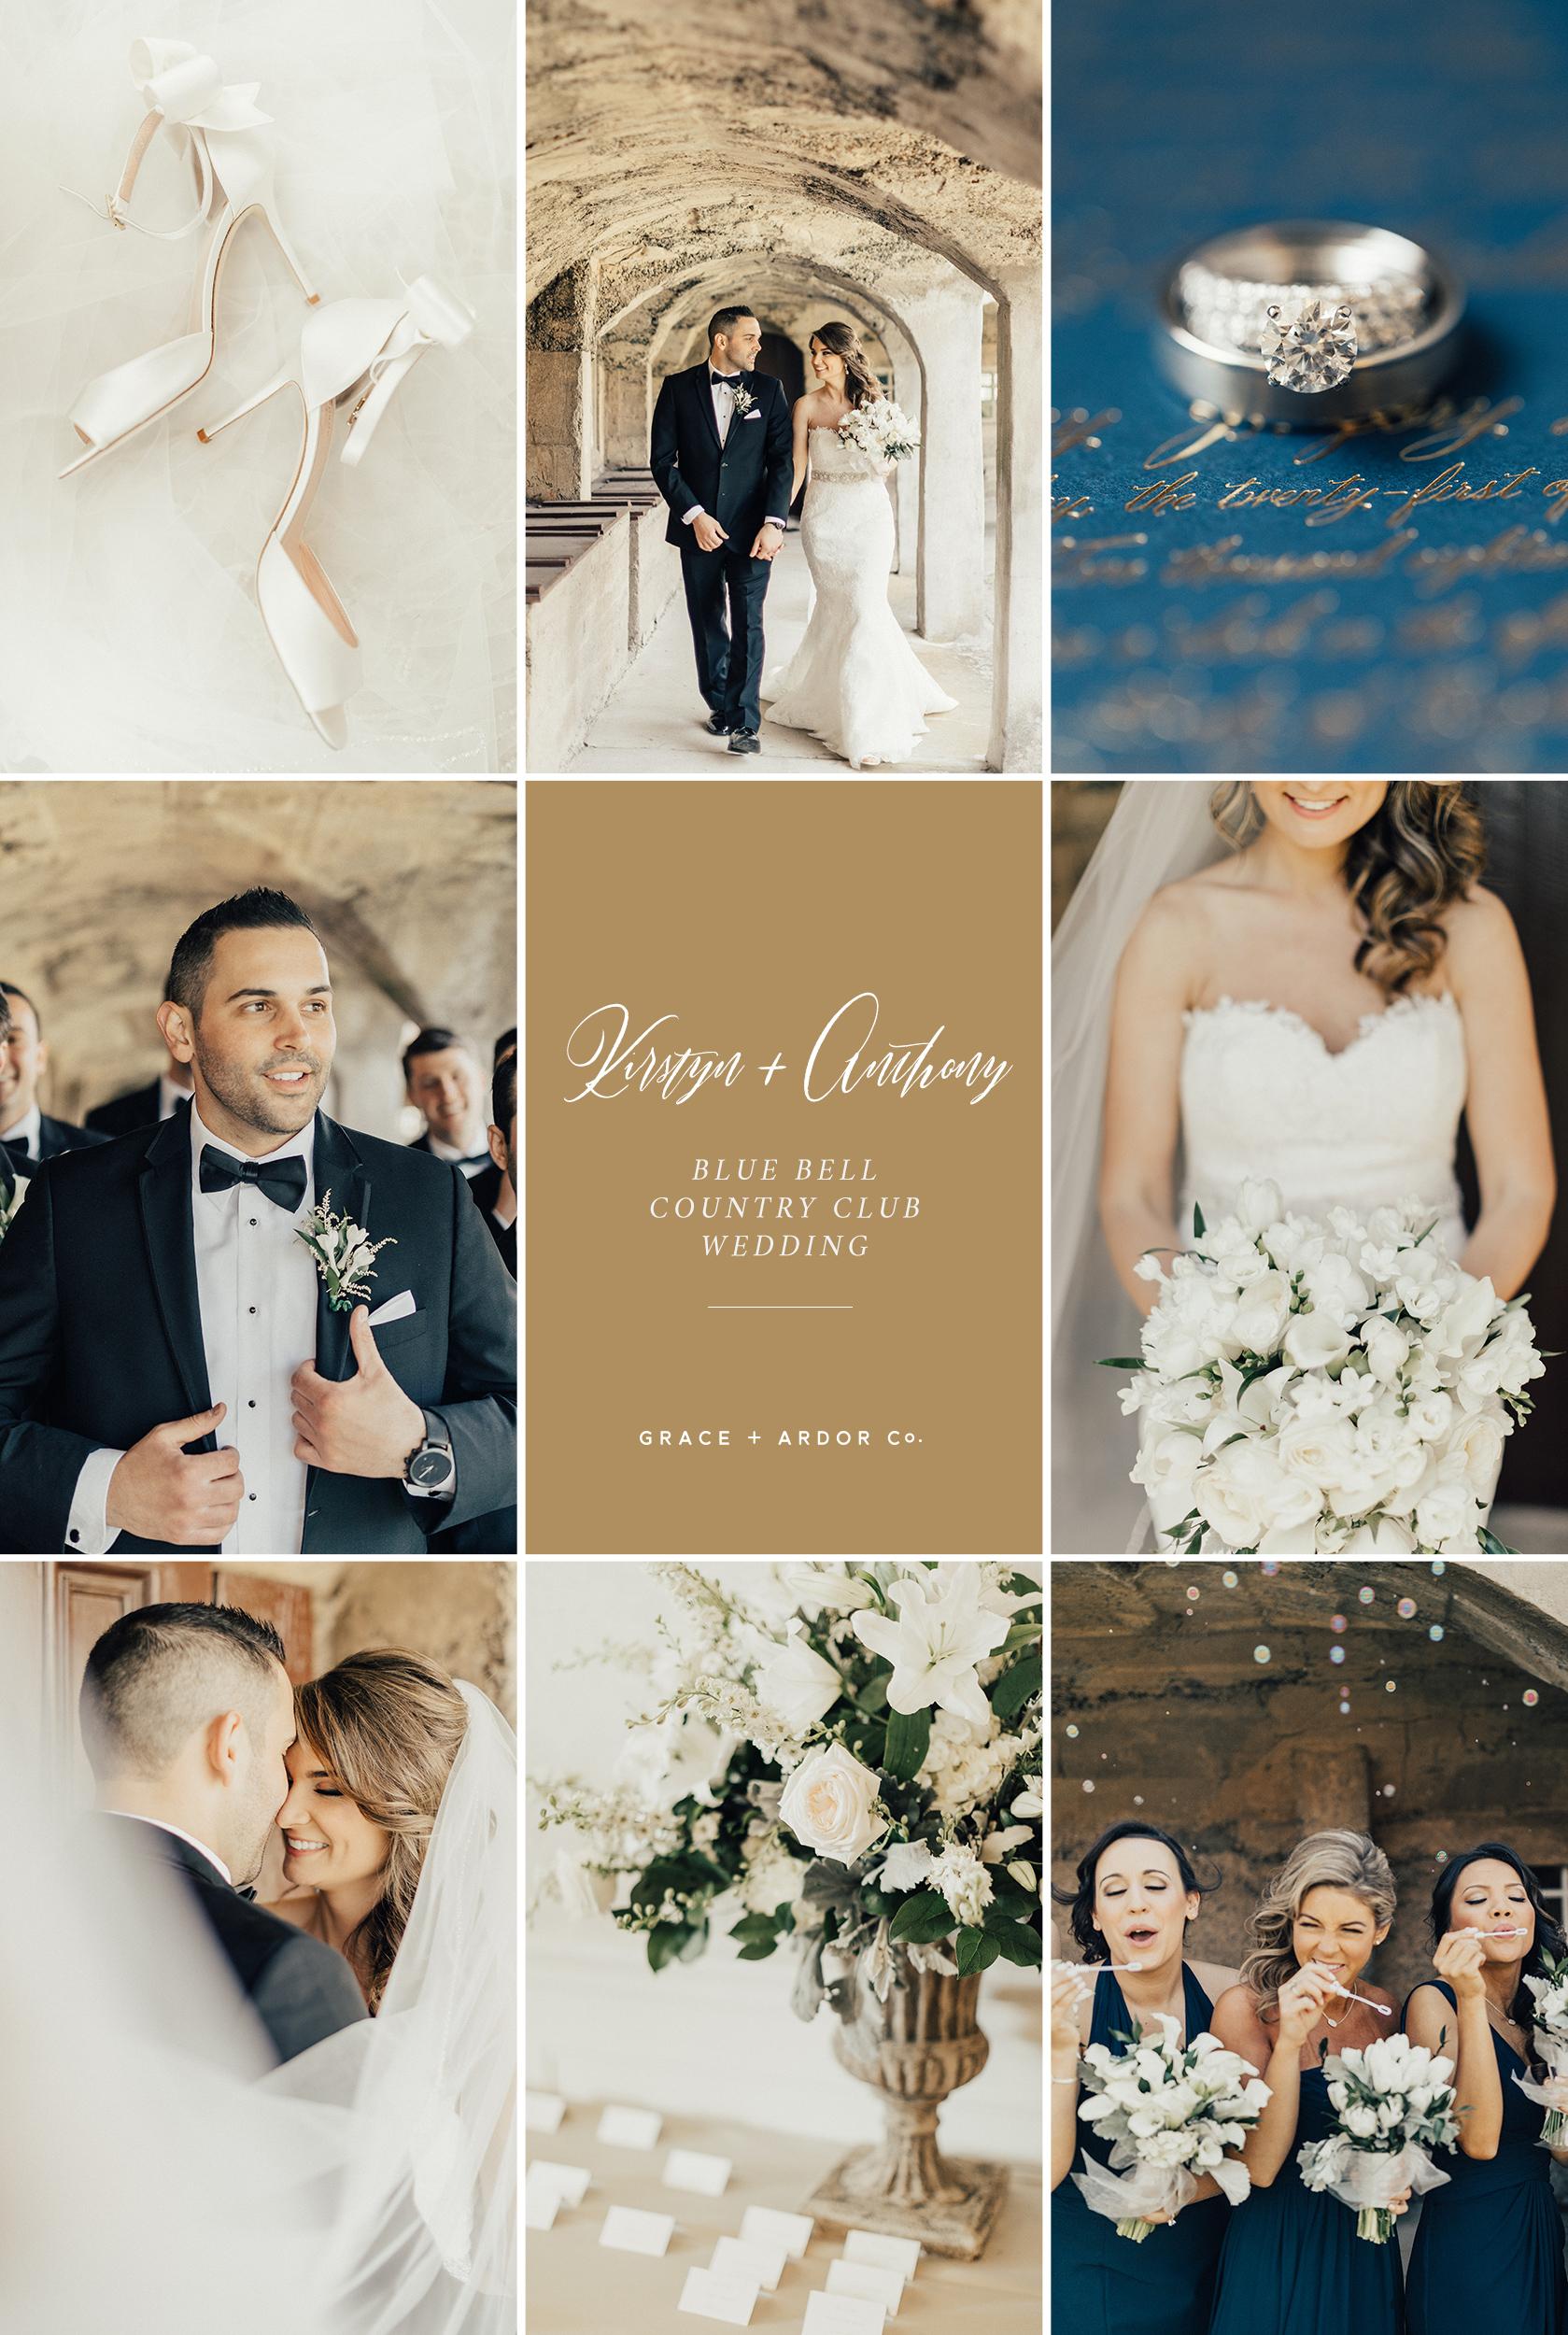 kirstyn-anthony-blue-bell-country-club-wedding-grid.jpg